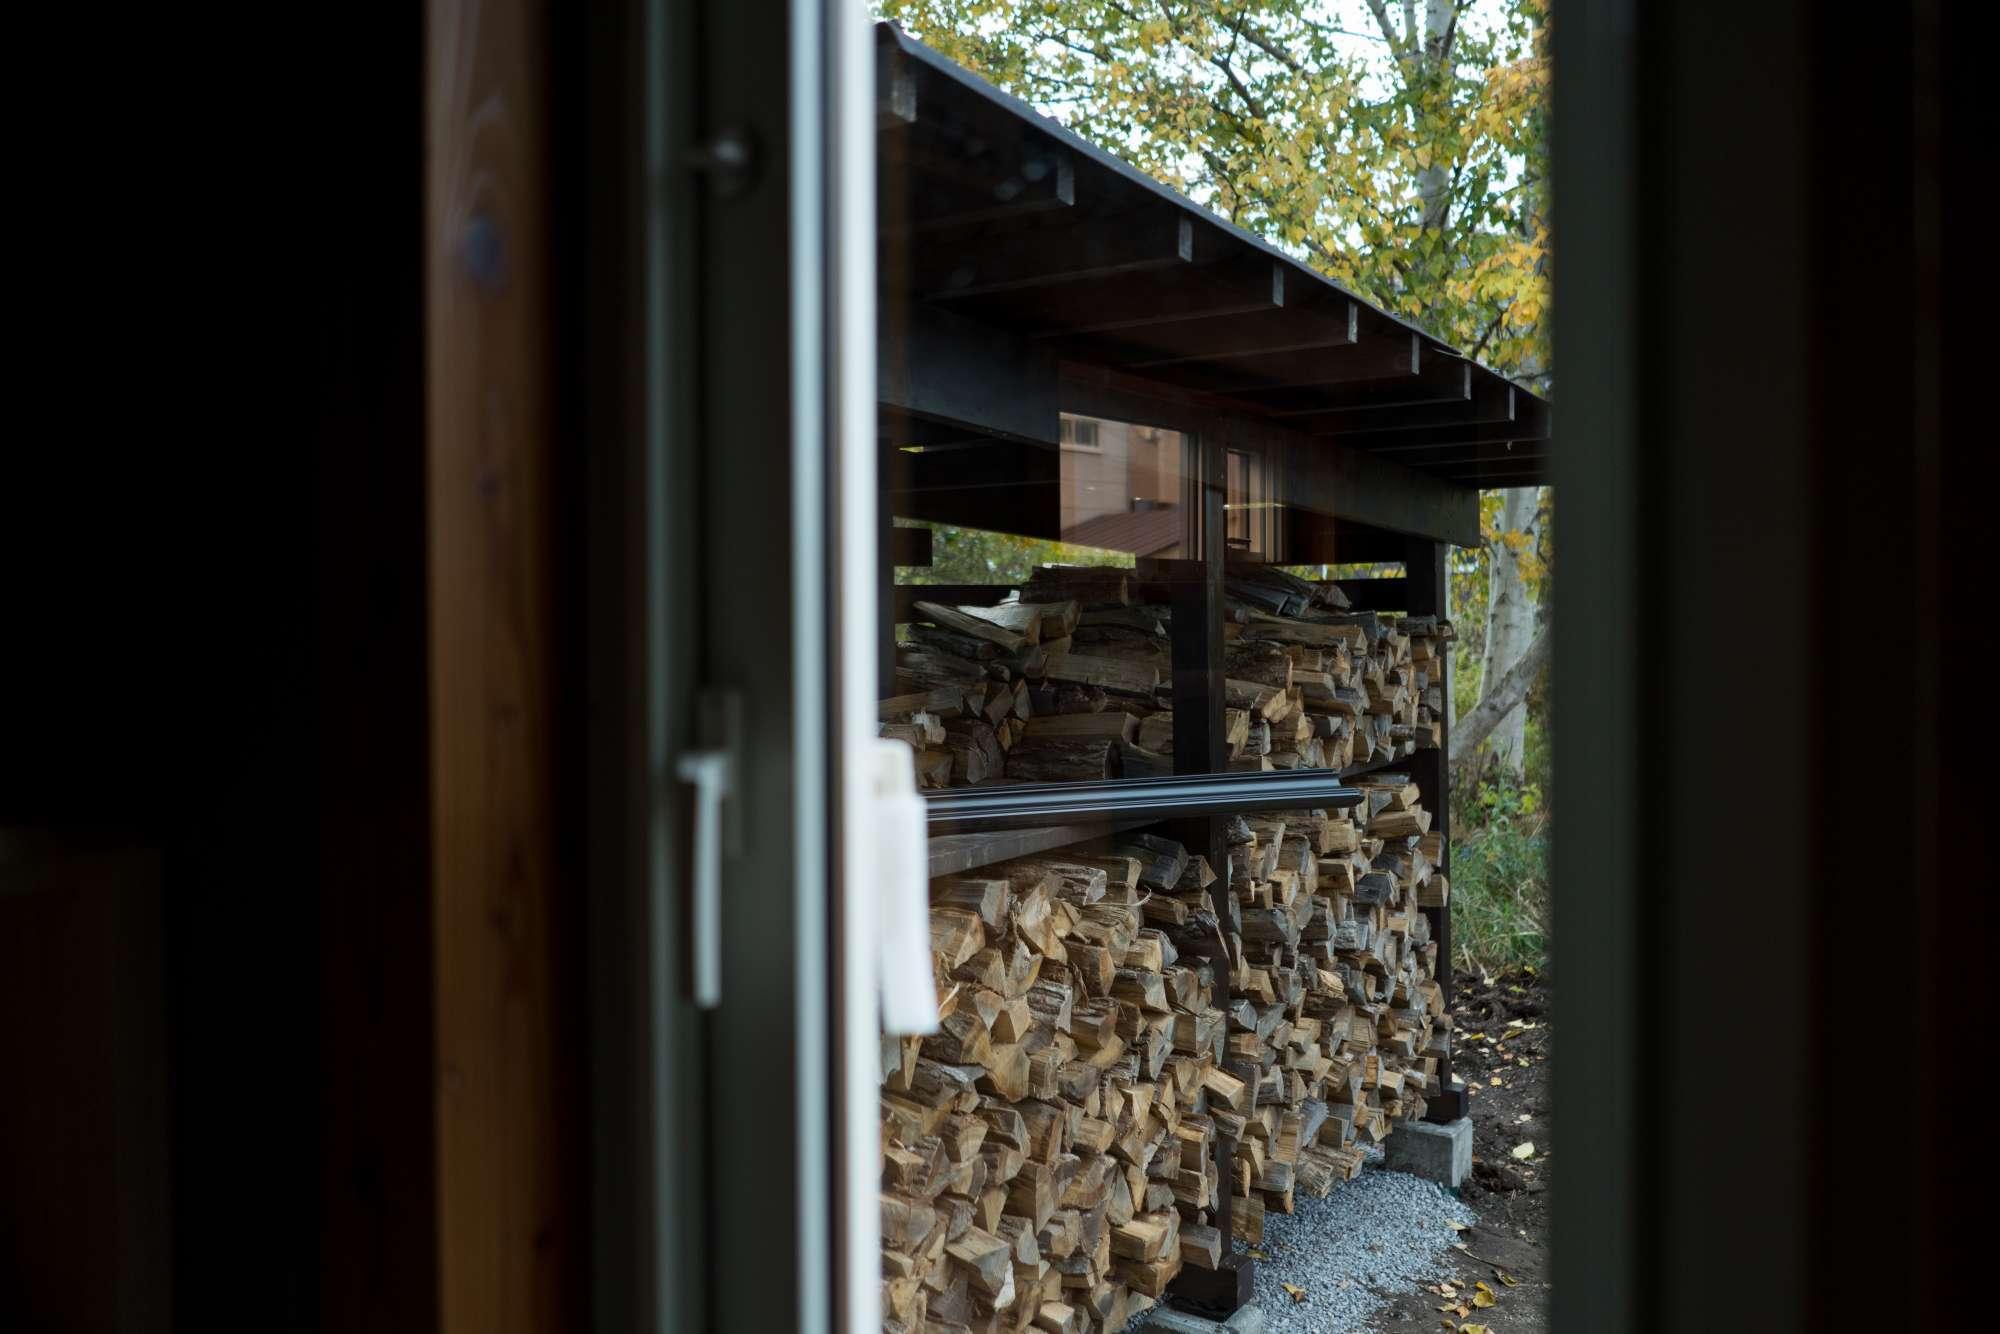 - 家にいながら森を感じられる、薪小屋も魅力! -  -